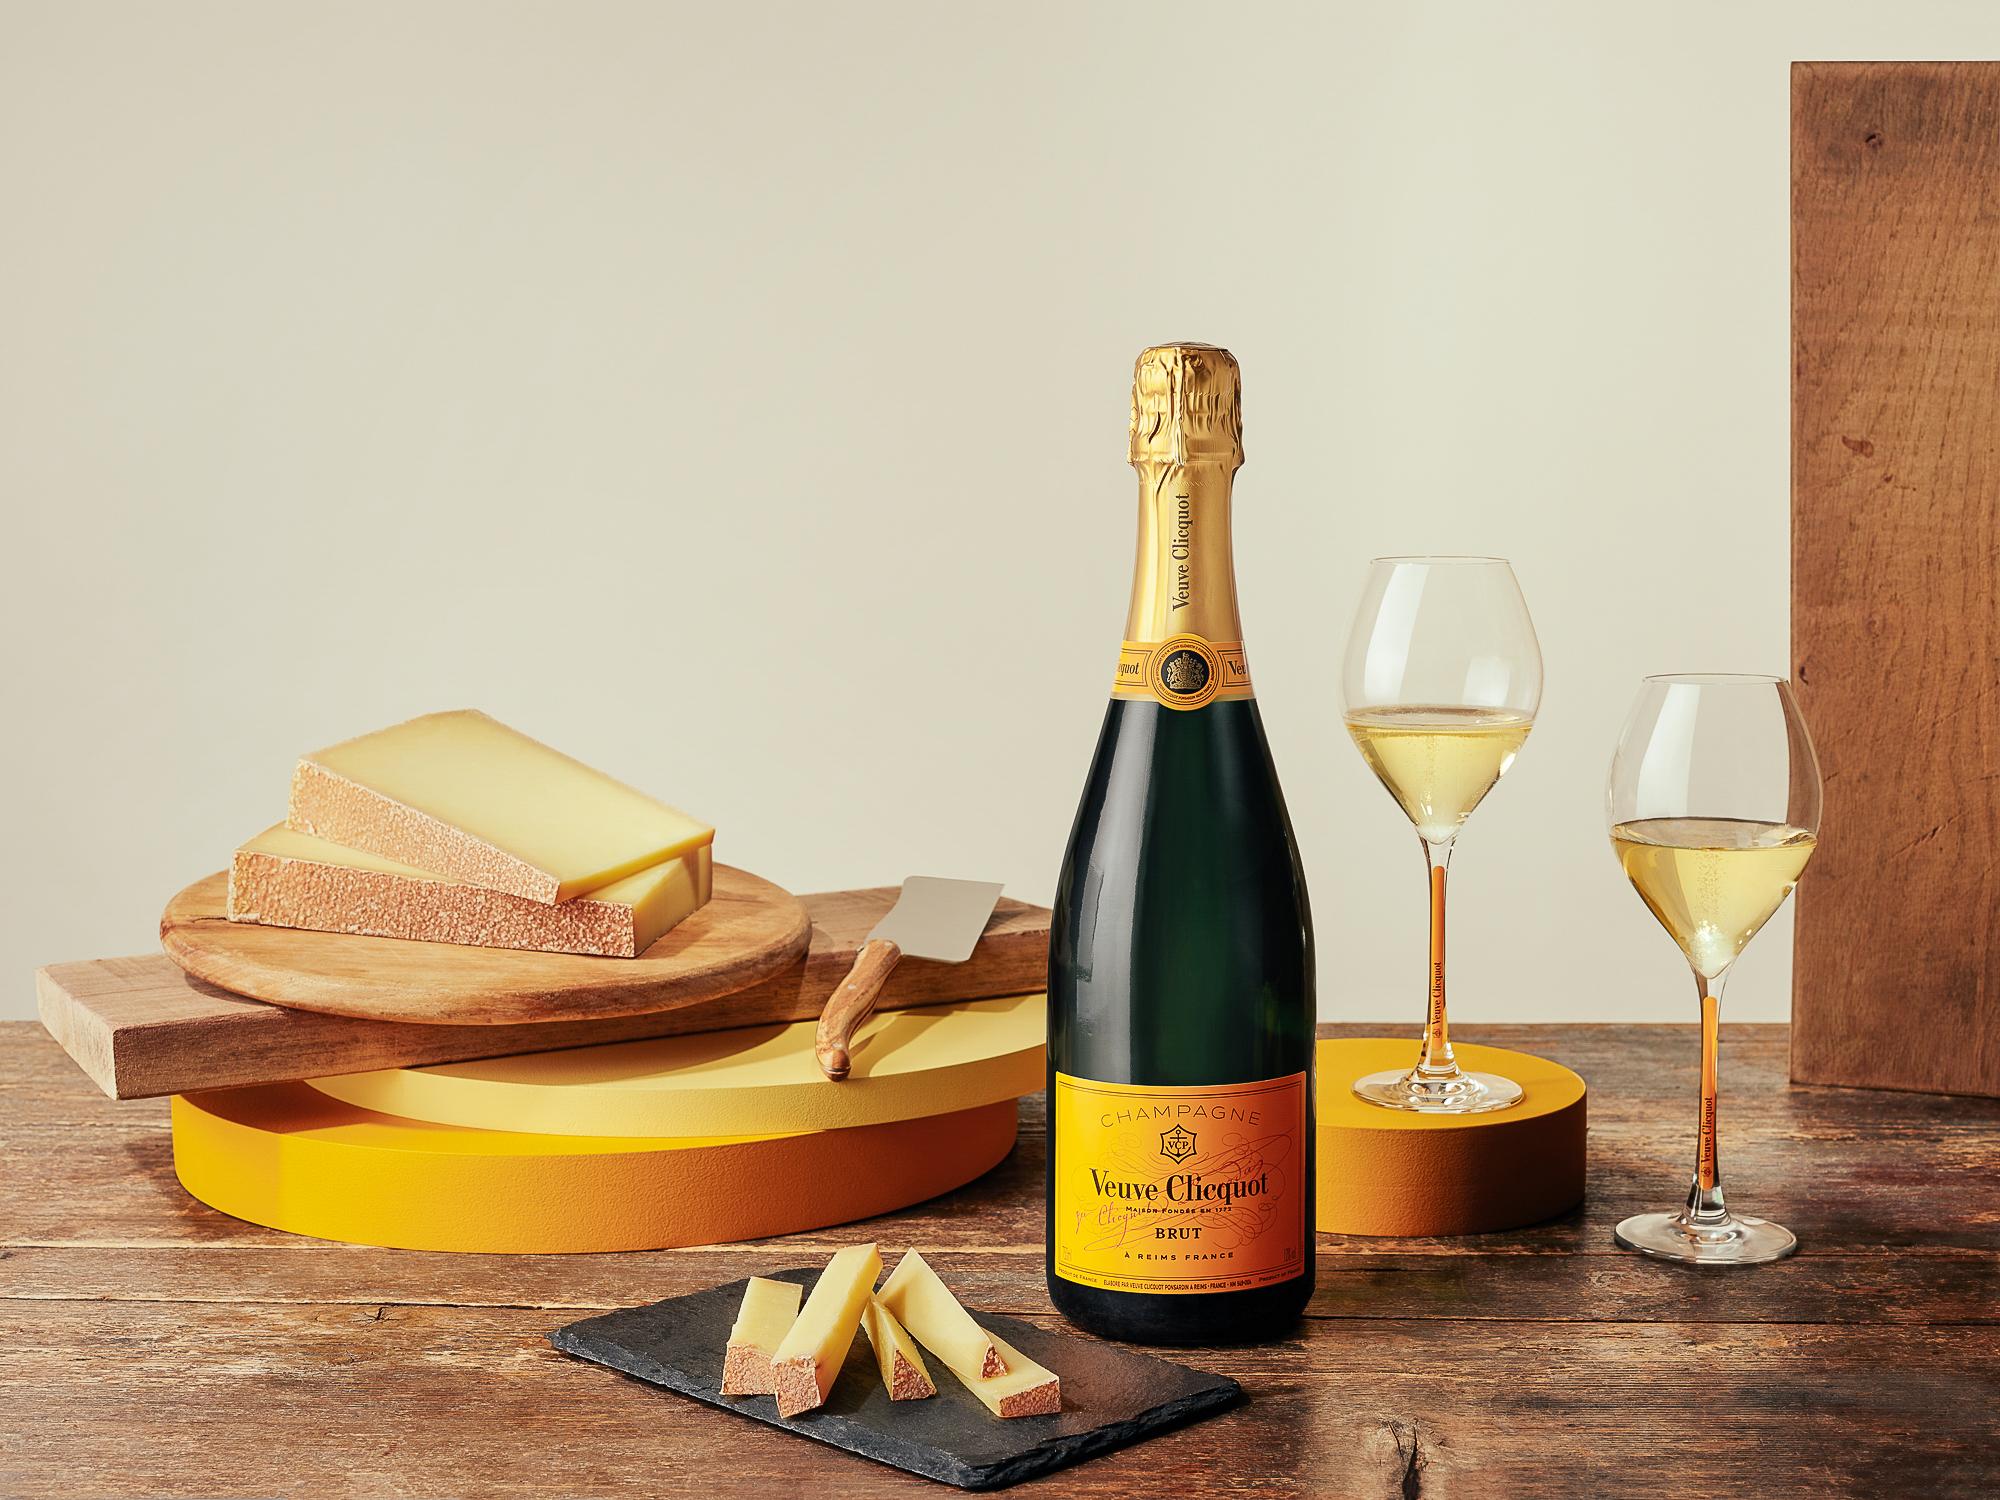 Veuve Clicquot propone una nueva opción de maridaje con diferentes variedades de quesos para Veuve Clicquot Yellow Label y Veuve Clicquot Rosé.